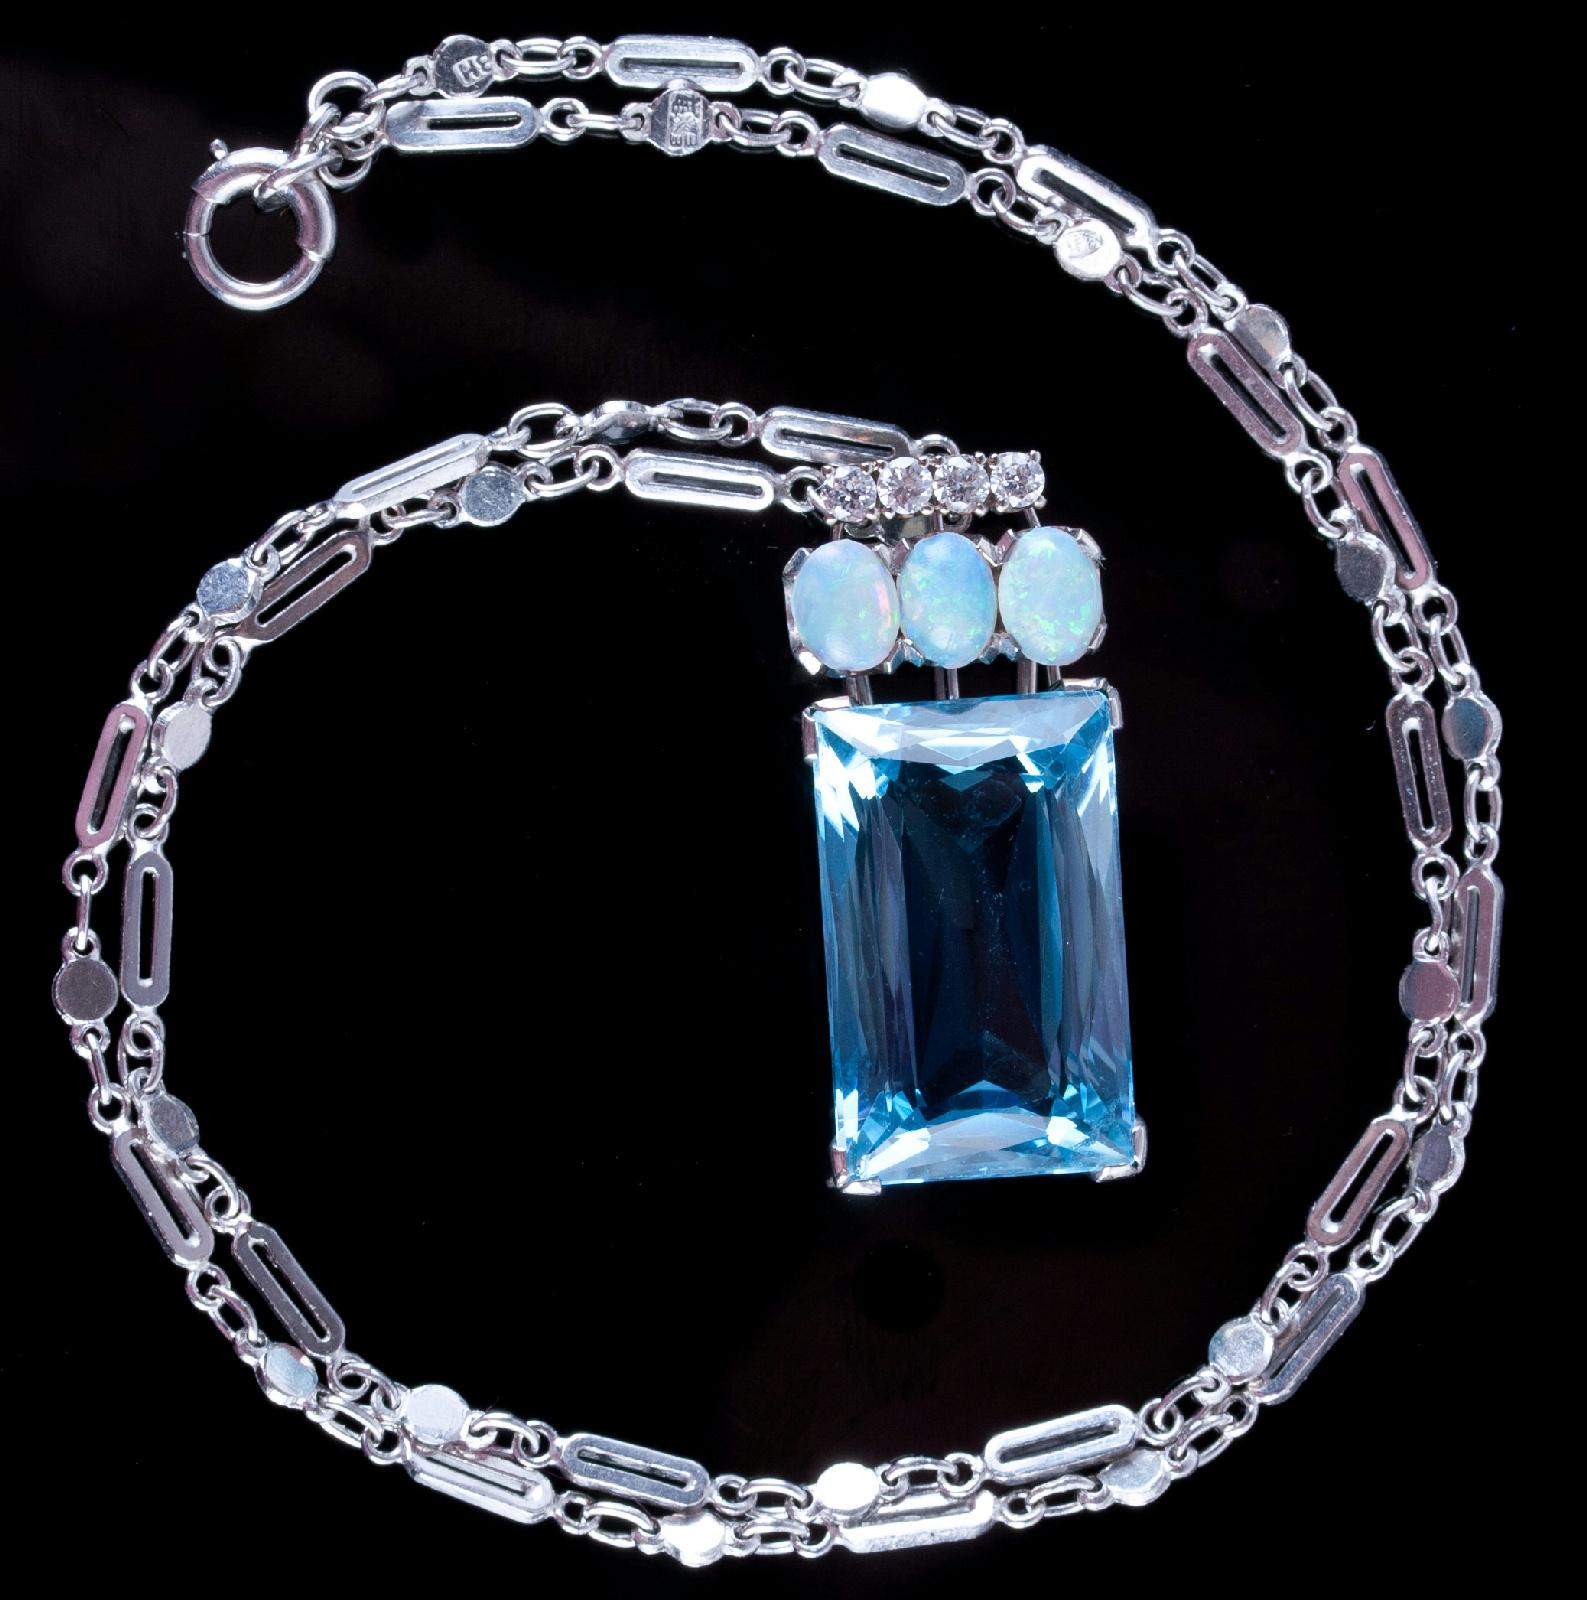 Aquamarine Necklaces: Vintage 1970s Platinum Emerald Cut Aquamarine / Opal